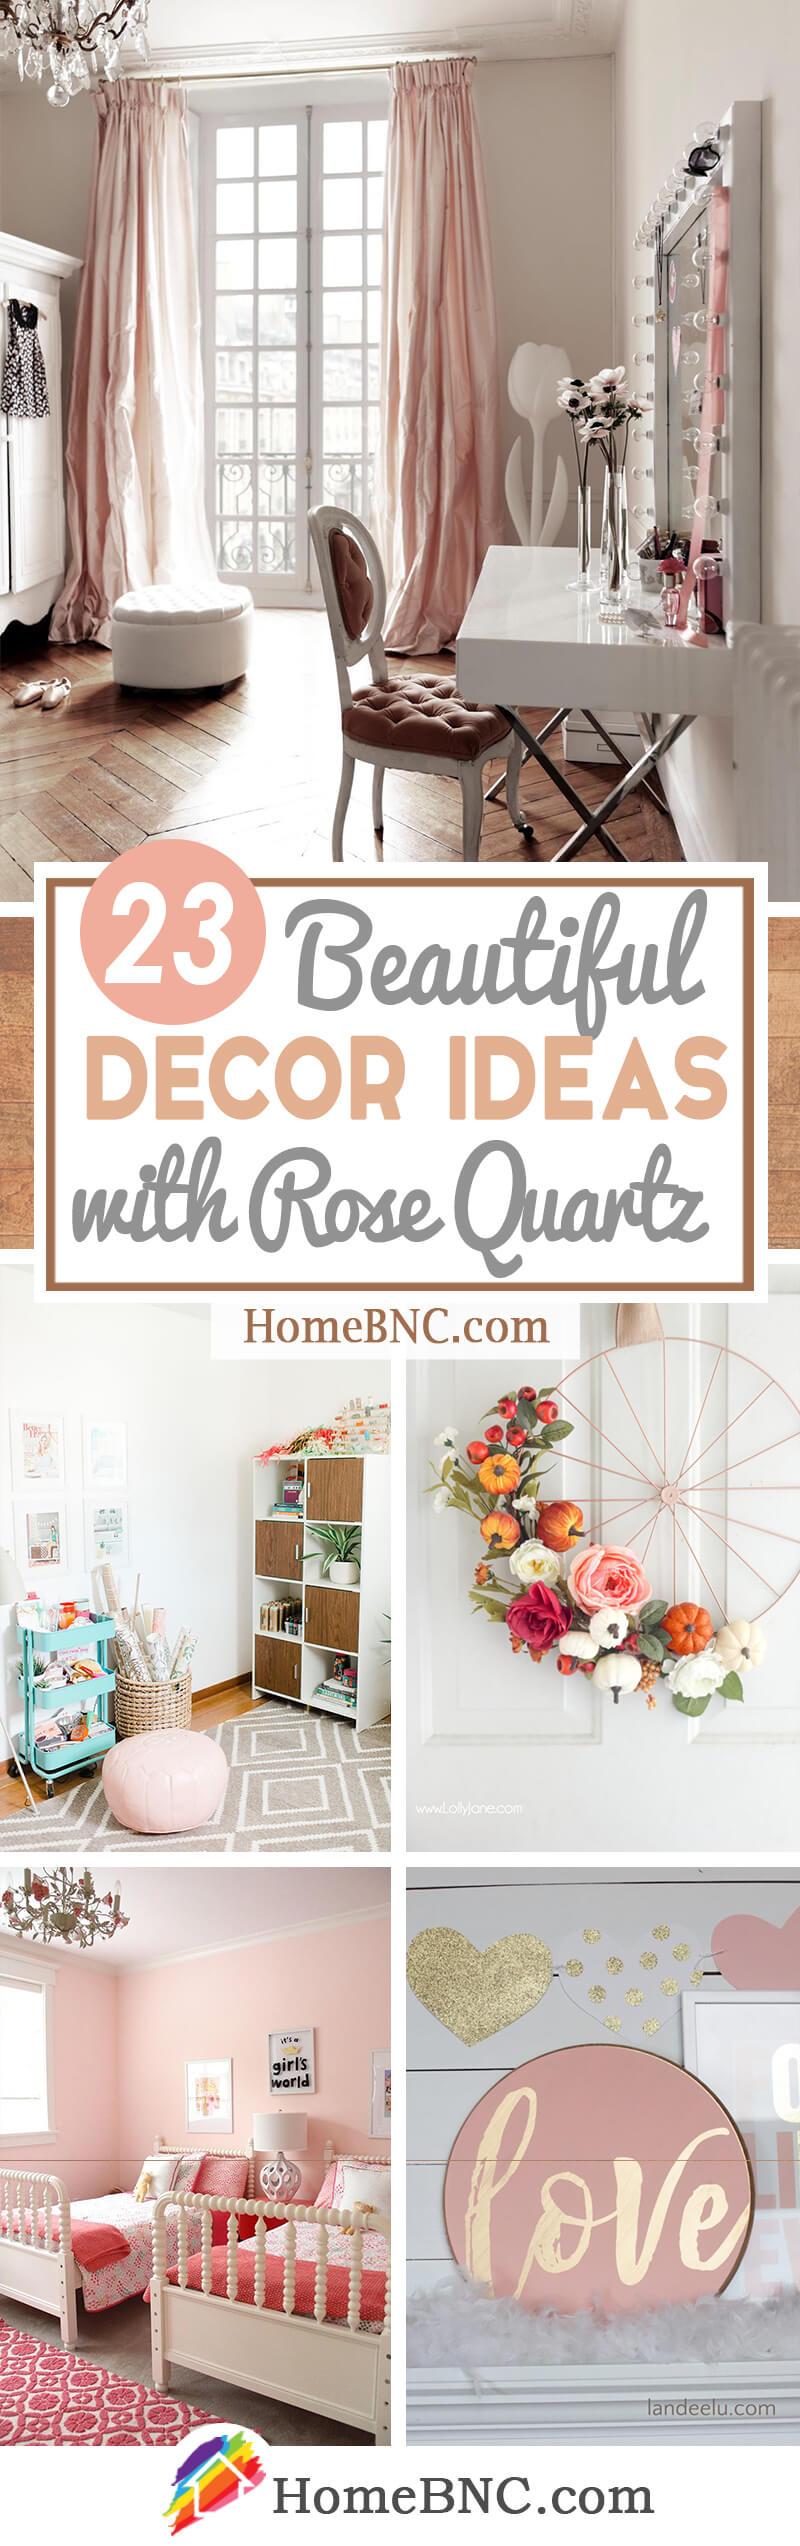 Rose Quartz Decorating Ideas